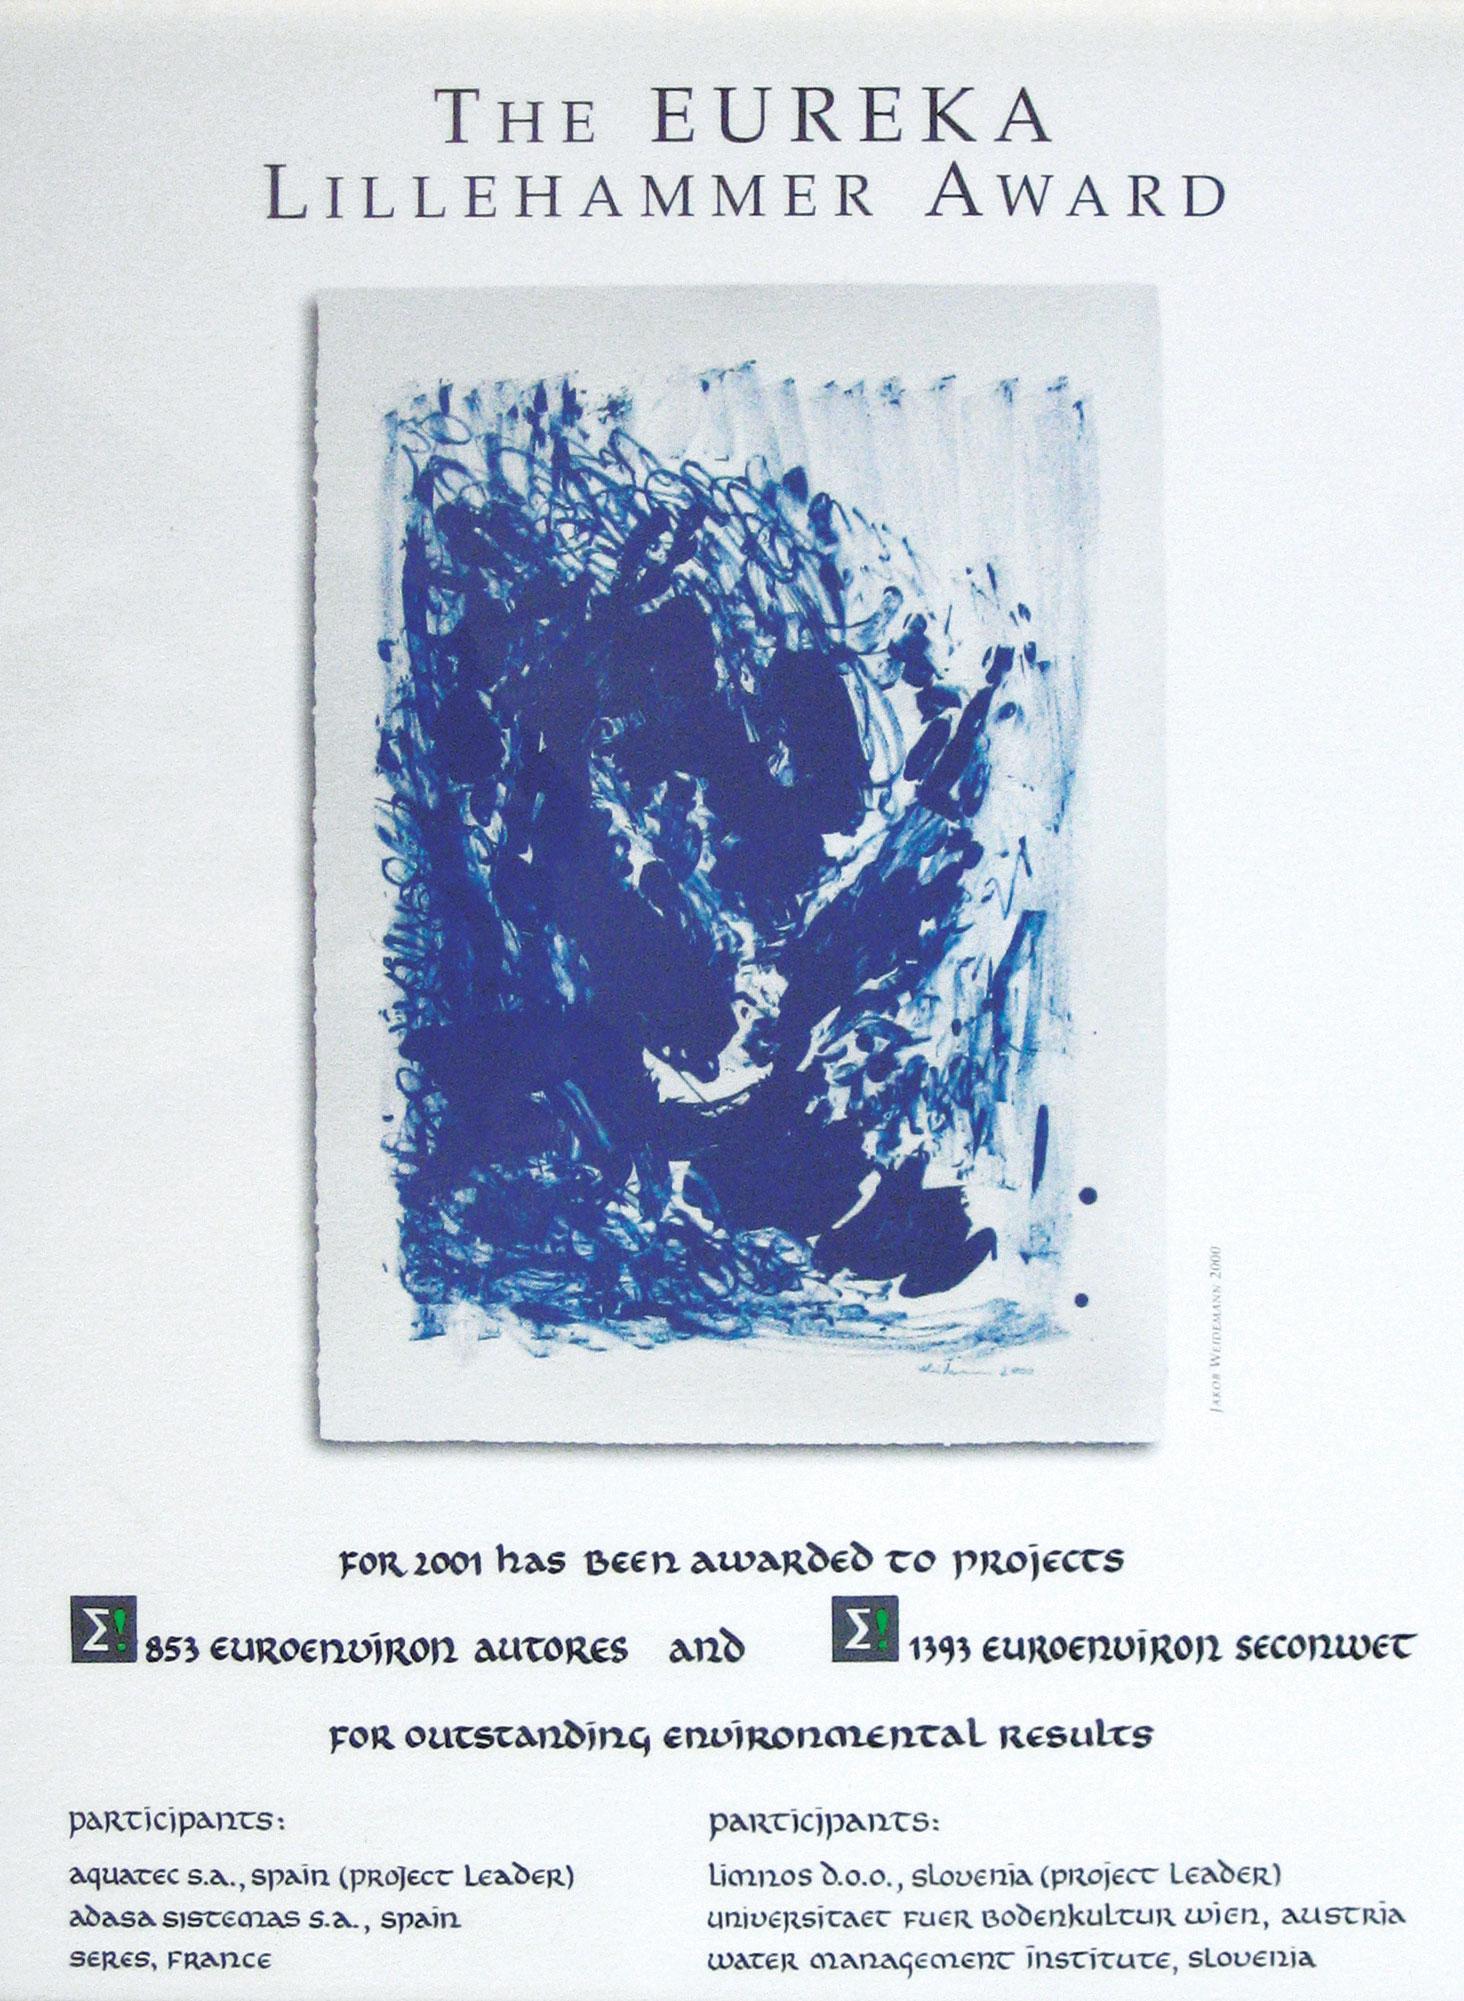 The Eureka Lillehammer Award 2001